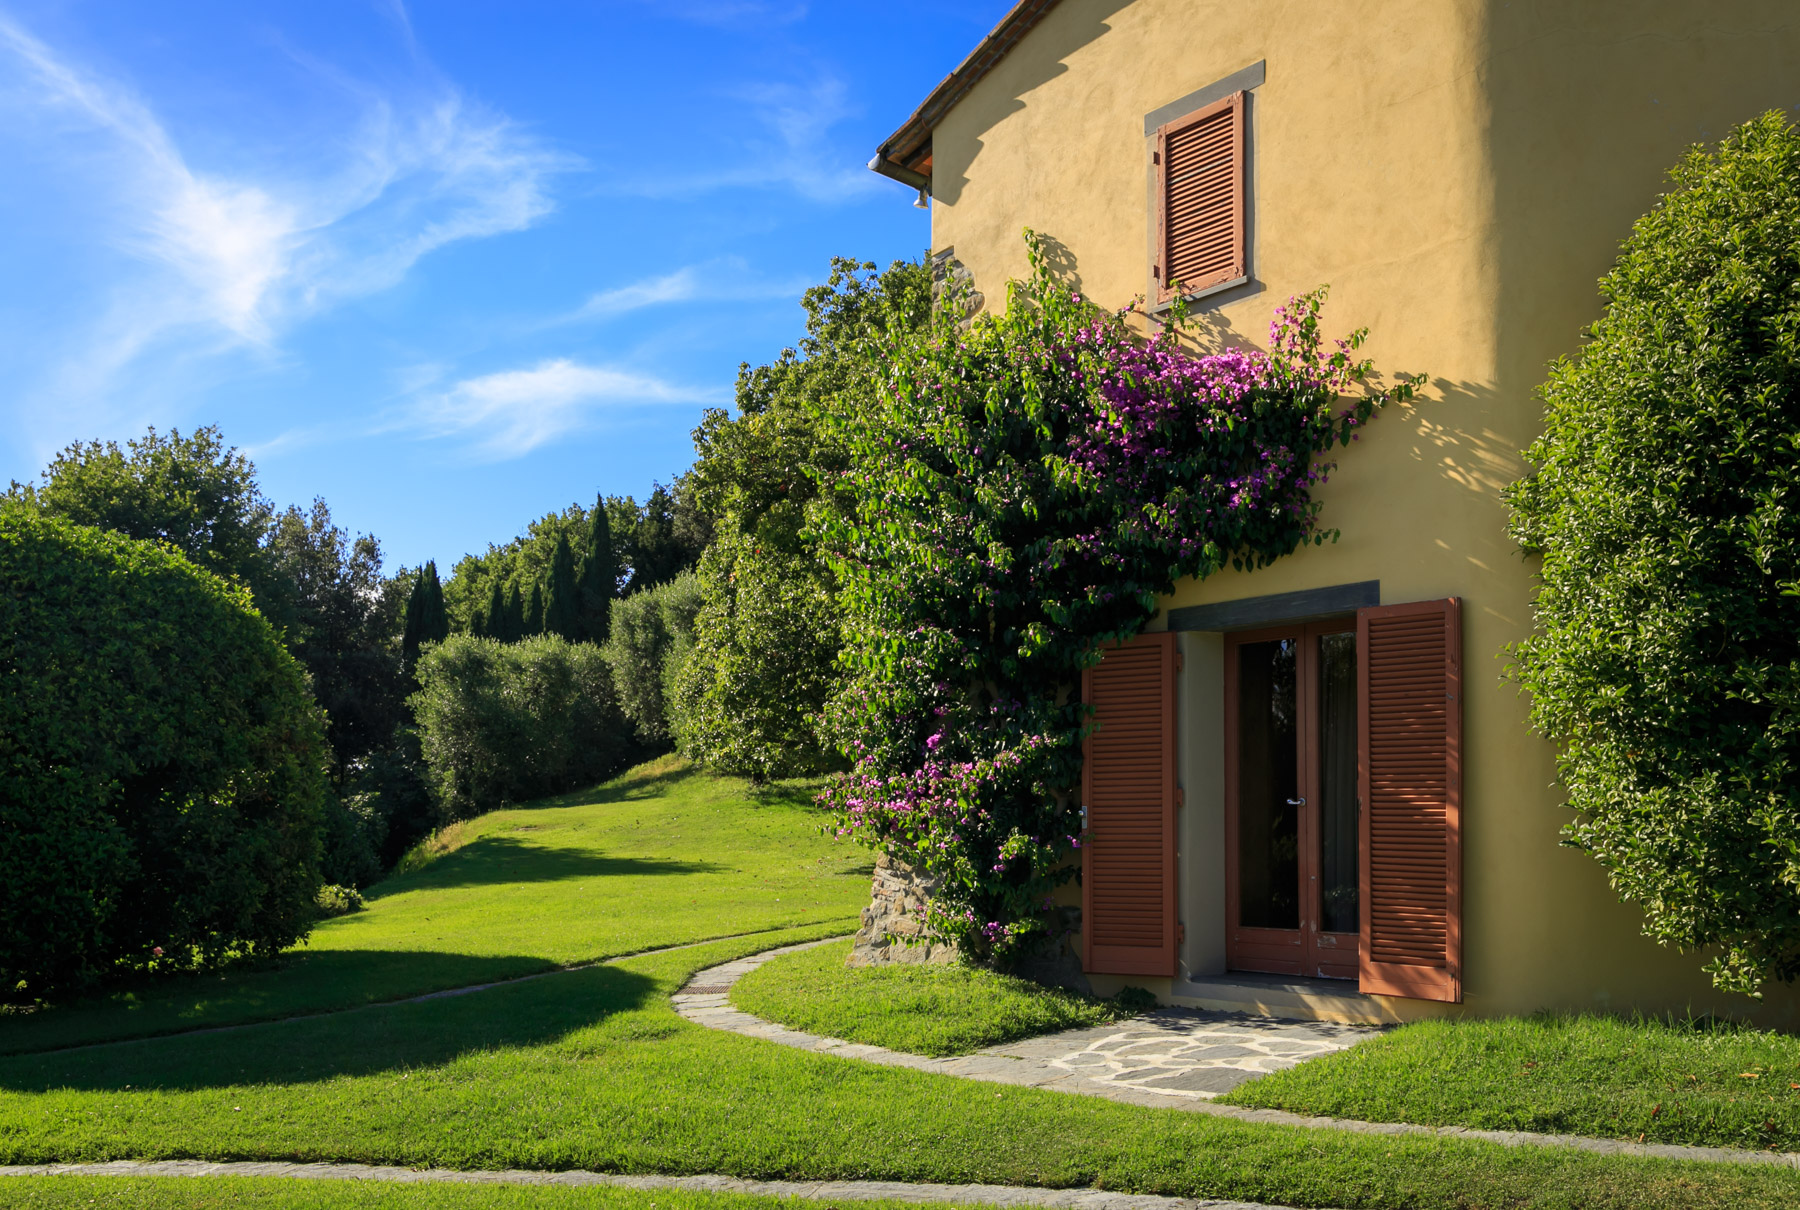 Villa in Vendita a Massarosa: 5 locali, 600 mq - Foto 26